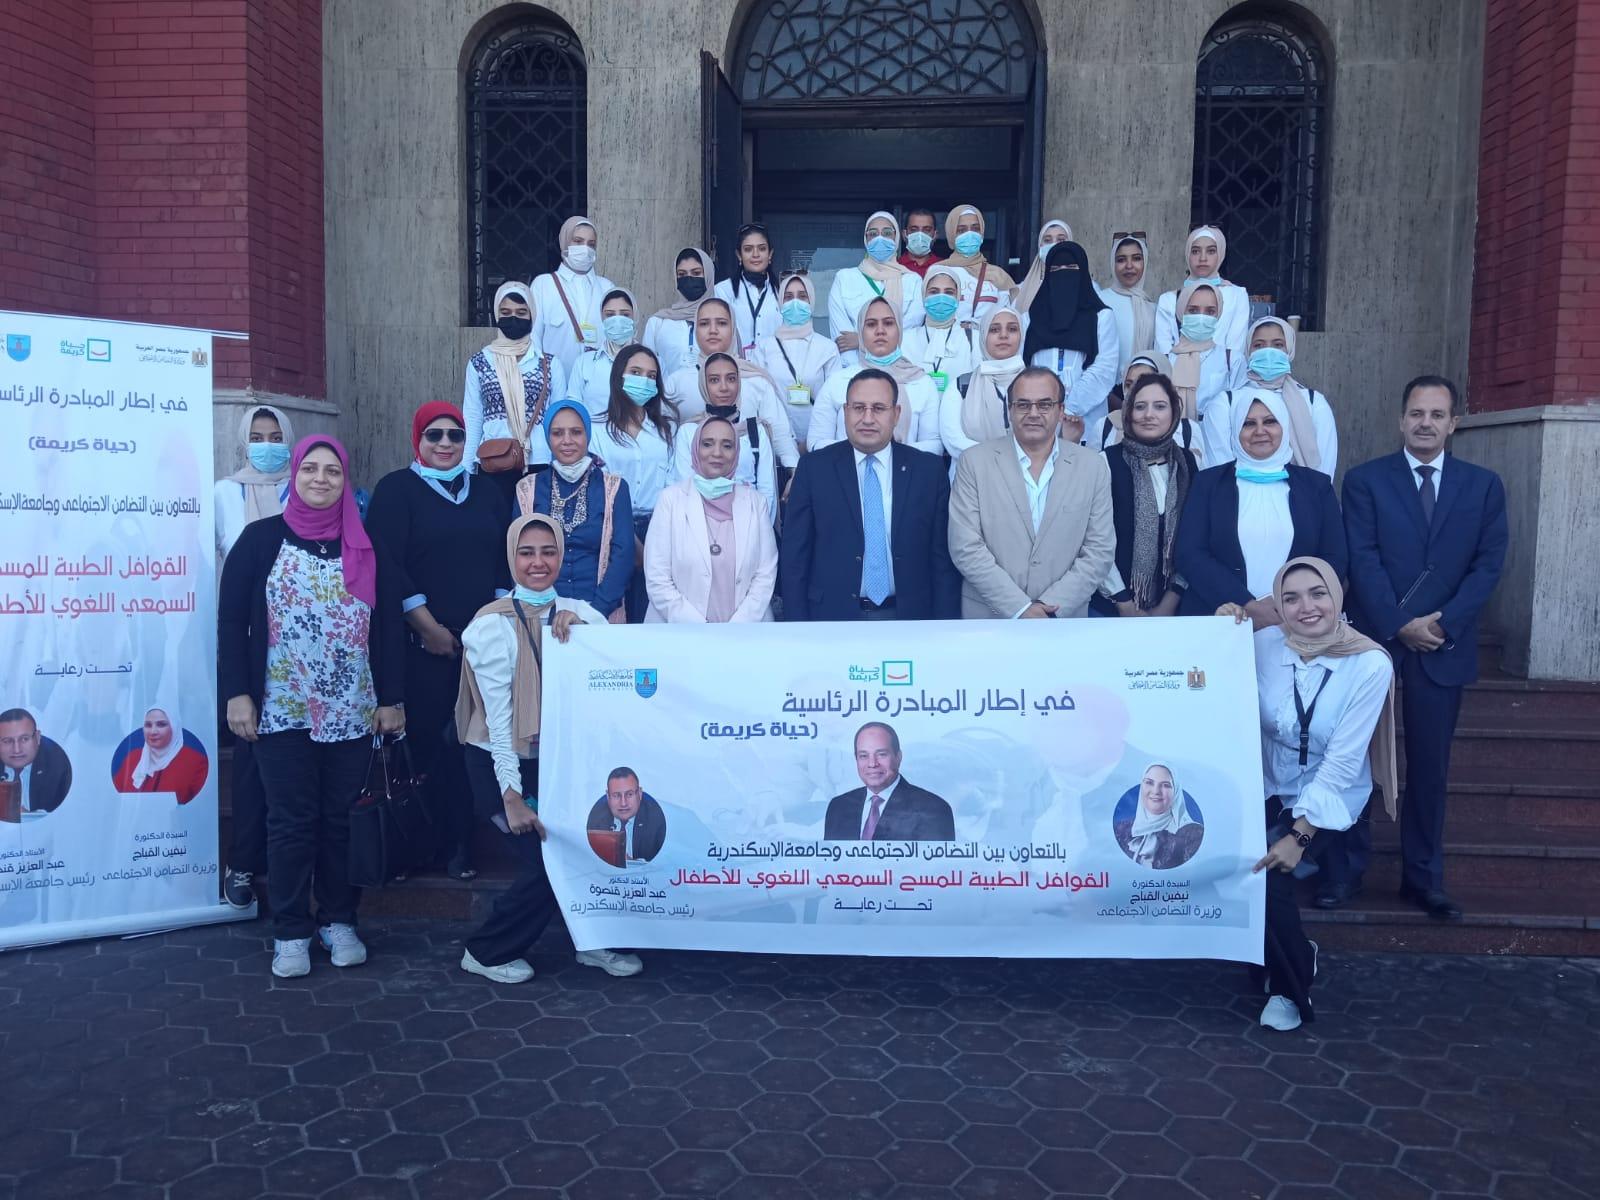 رئيس جامعة الاسكندرية يطلق قافلة طبية للمسح السمعى اللوى بالتعاون مع وزارة التضامن الاجتماعى